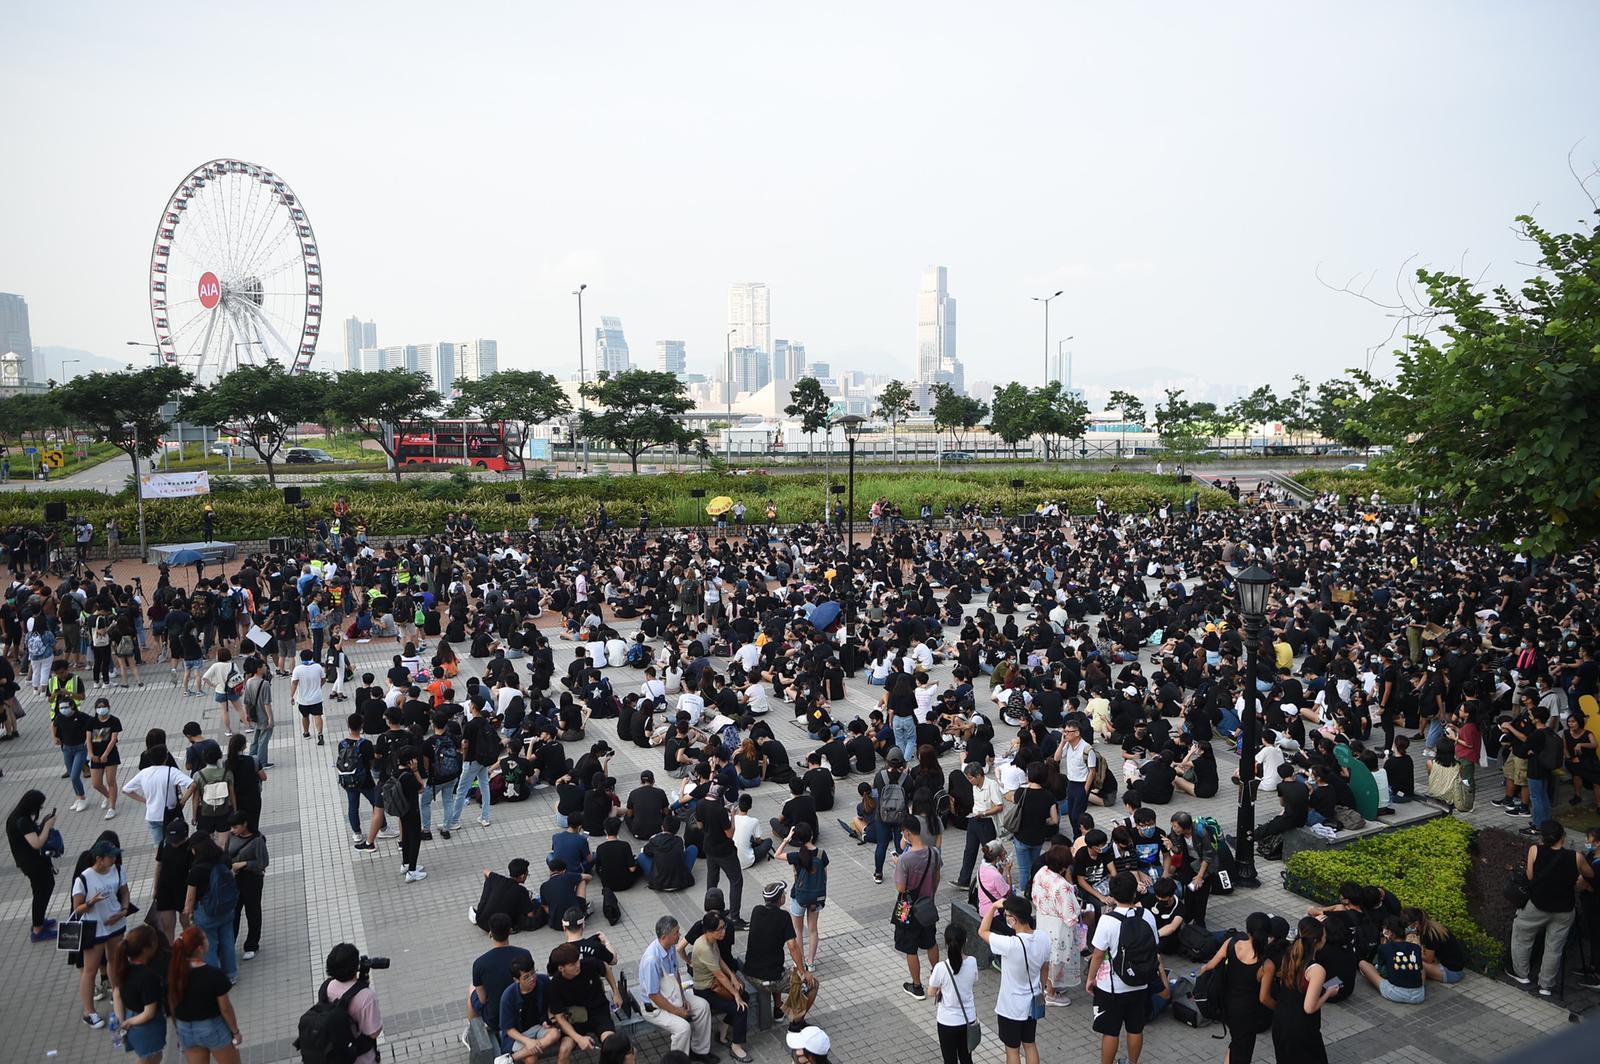 【中學生集會】大會宣布約3000人出席愛丁堡廣場集會 警方稱有1510人